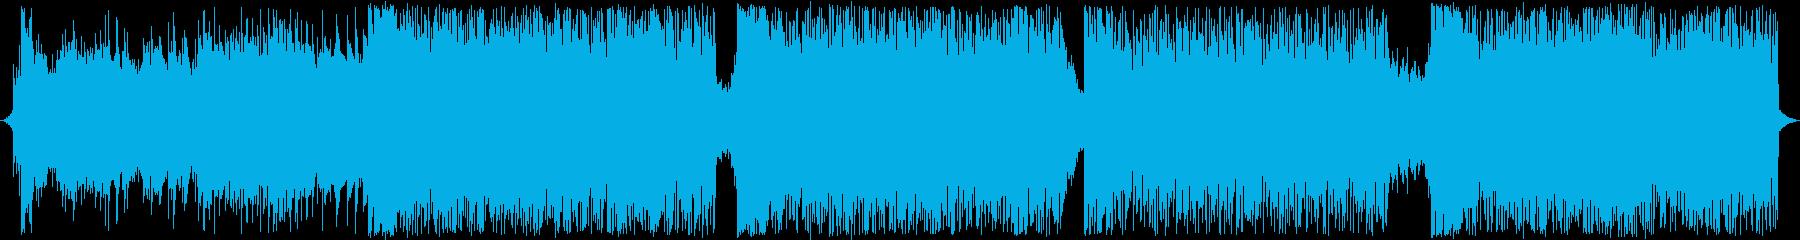 戦闘バトル曲!情熱的なメロディ!の再生済みの波形